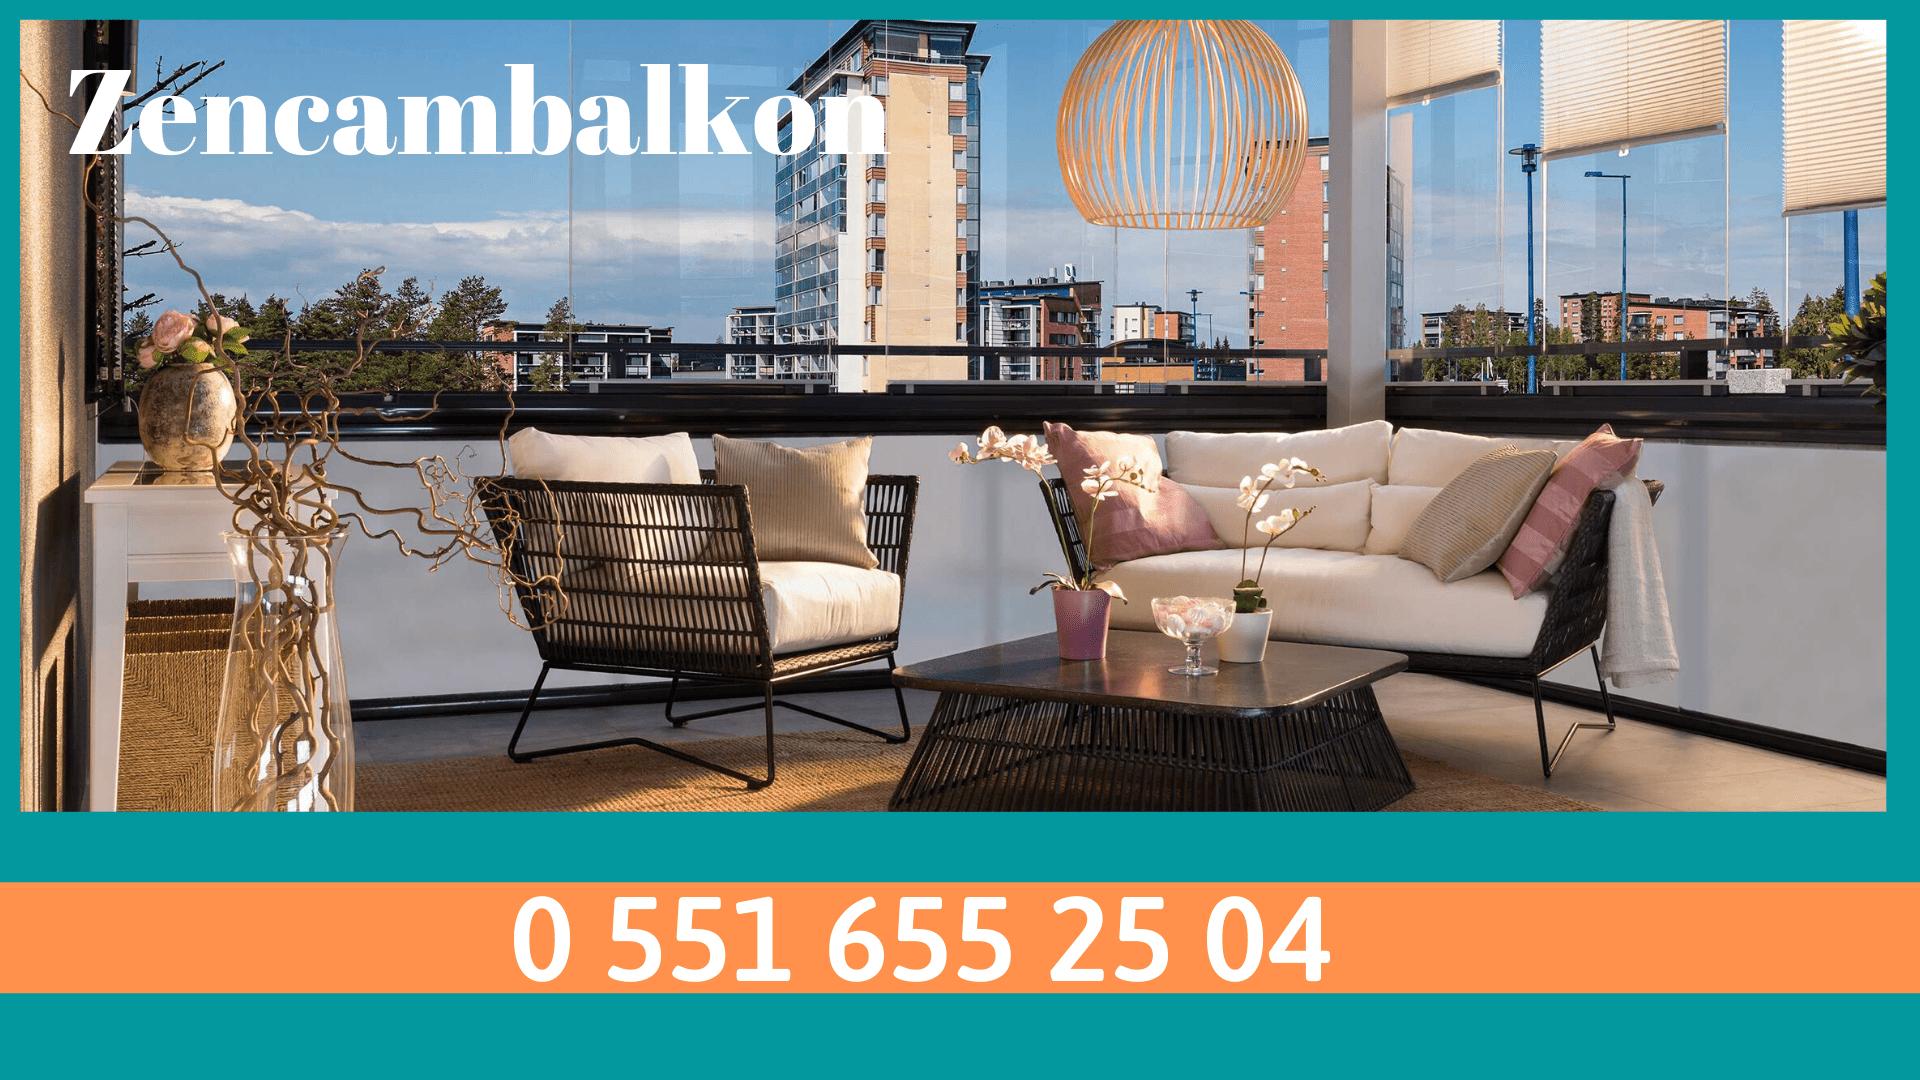 Balkon camlama İzmir firması